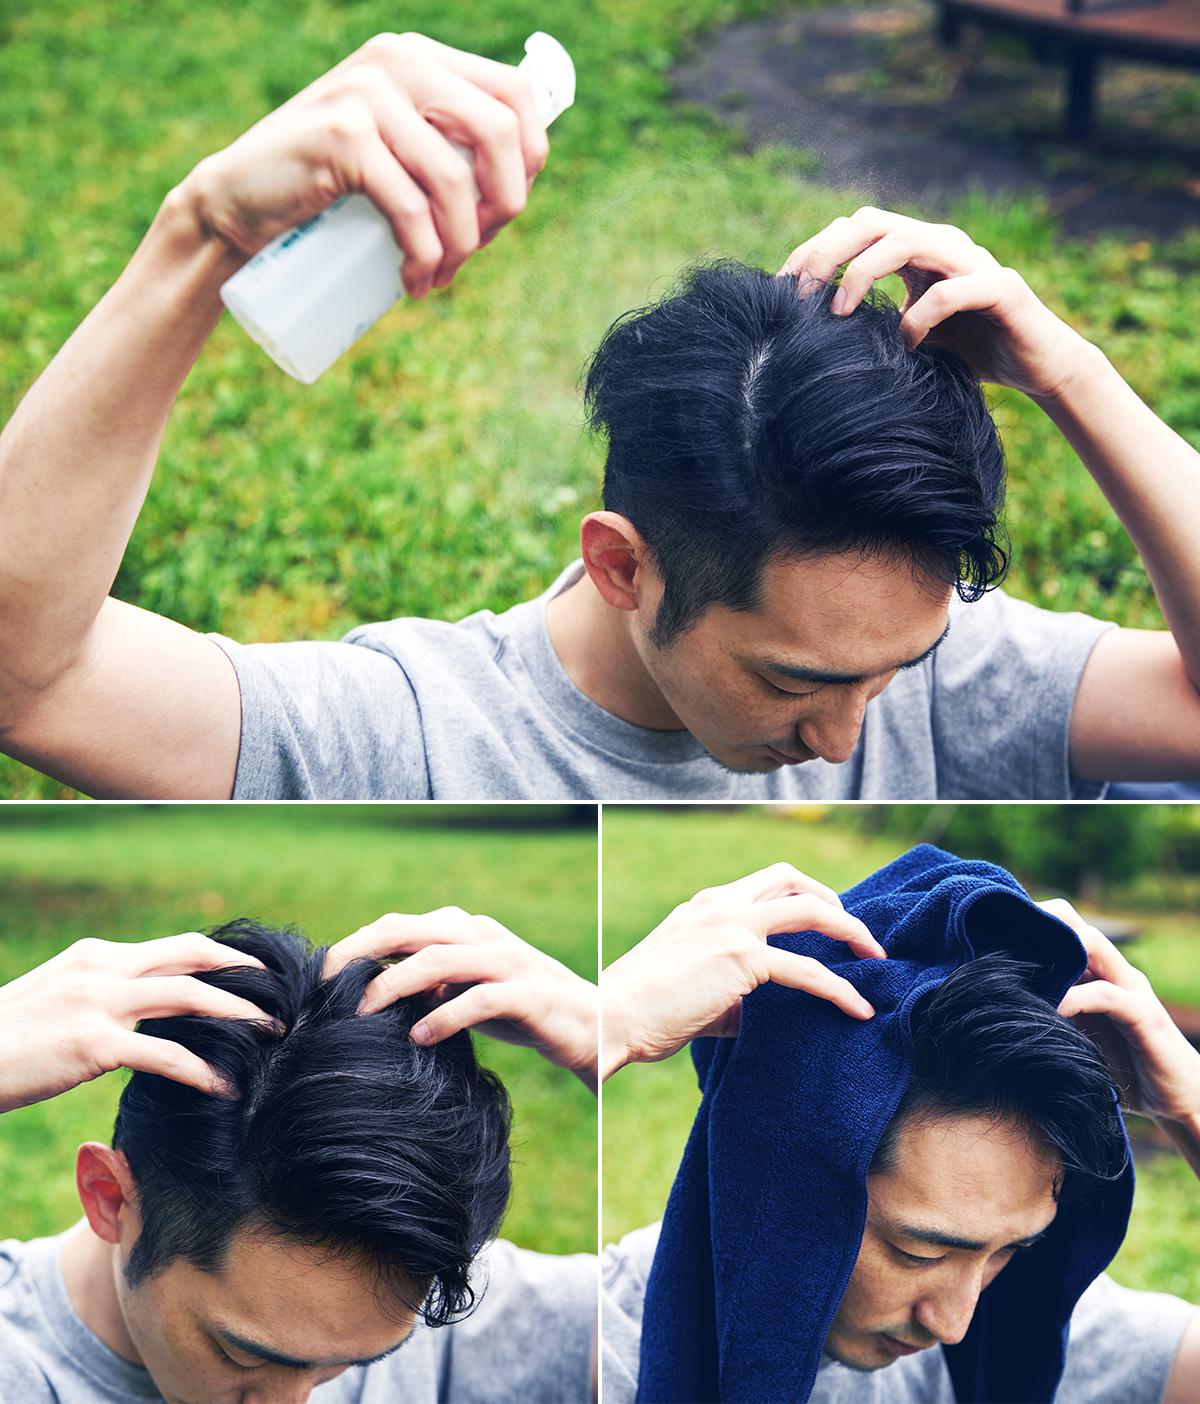 頭皮や髪に使う時は、全体に適量スプレーして、軽くマッサージした後、タオルドライするだけ。ベタベタ汗もさっぱり気持ちいい!髪も顔も体も、スプレーして拭き取るだけの「ドライウォッシュ」|YODELLOUTDOOR